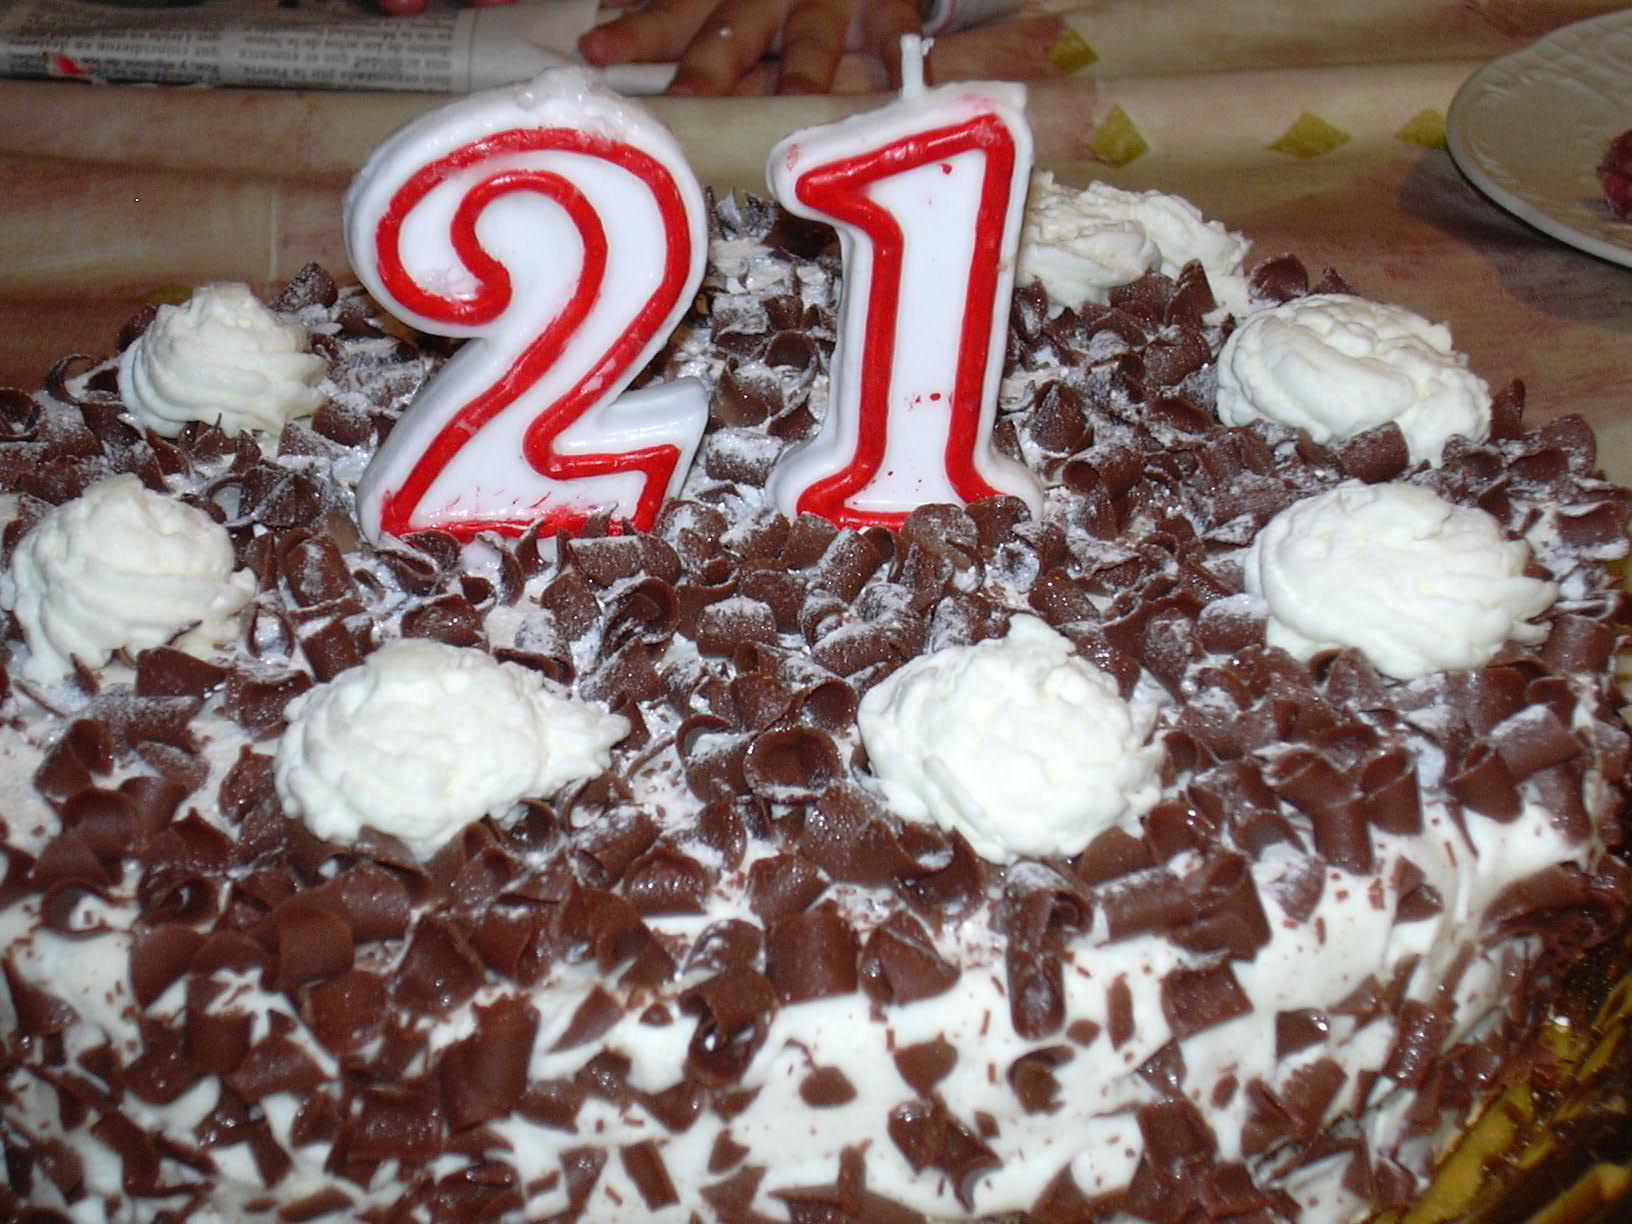 http://upload.wikimedia.org/wikipedia/commons/0/02/21st_Birthday_cake.jpg